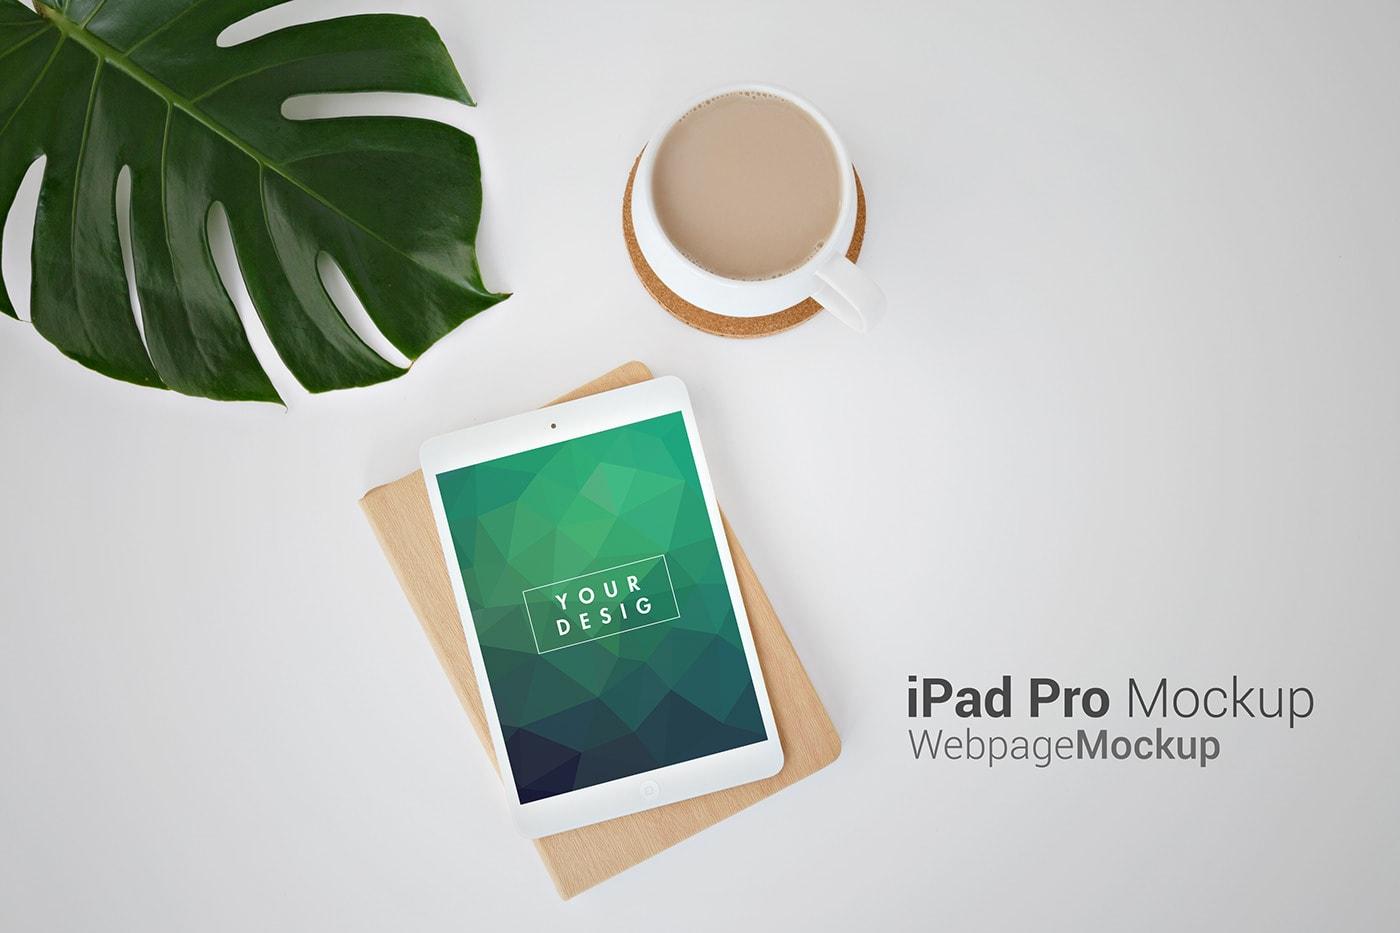 iPad pro mockup free psd download min